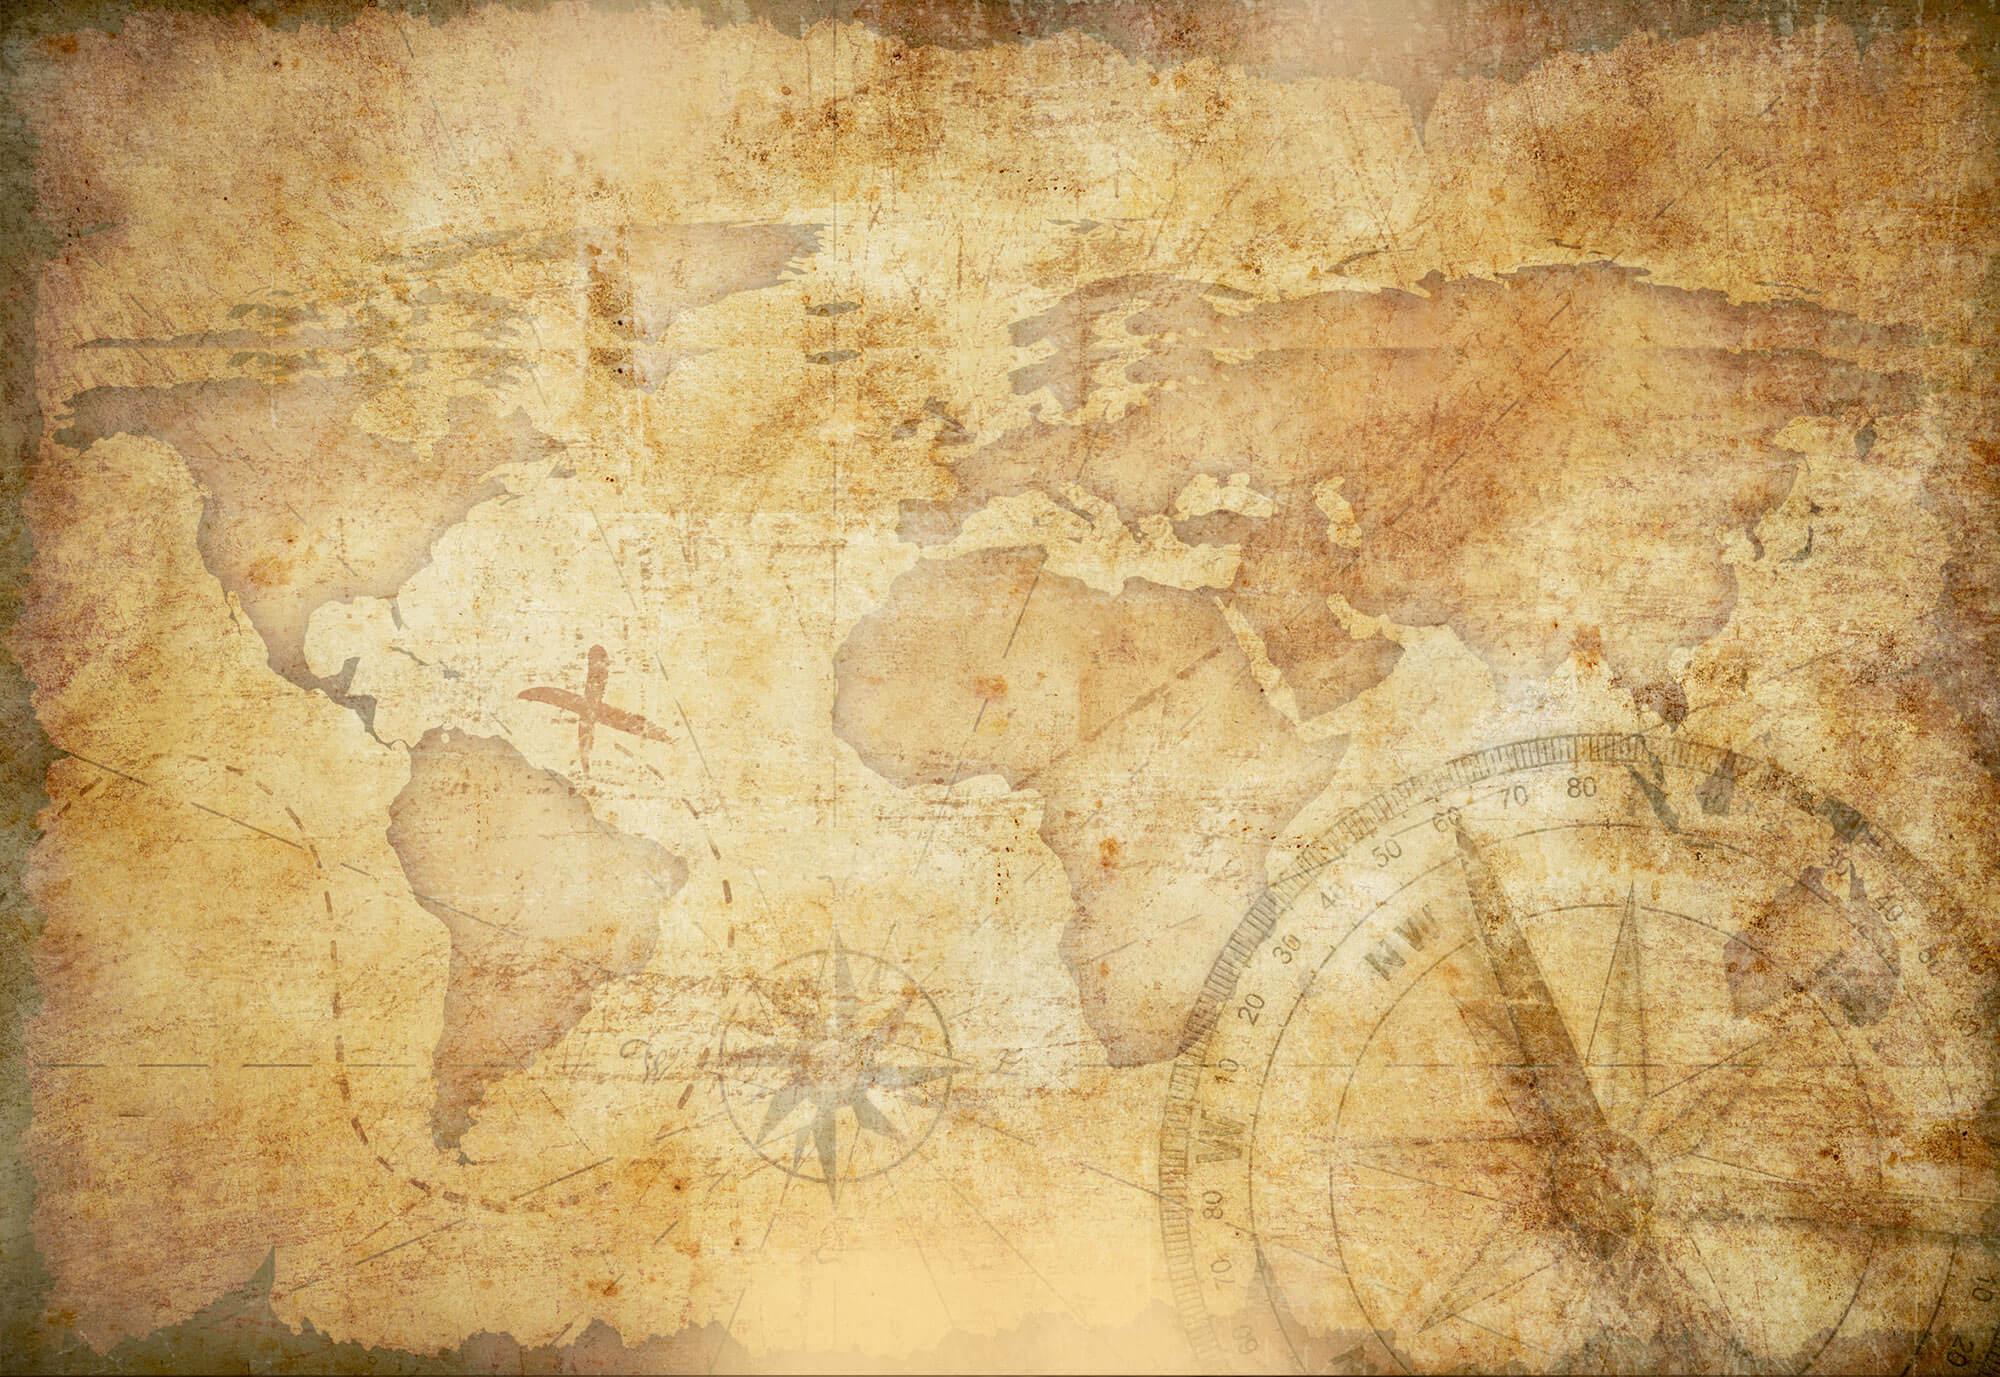 Background giấy cũ bản đồ